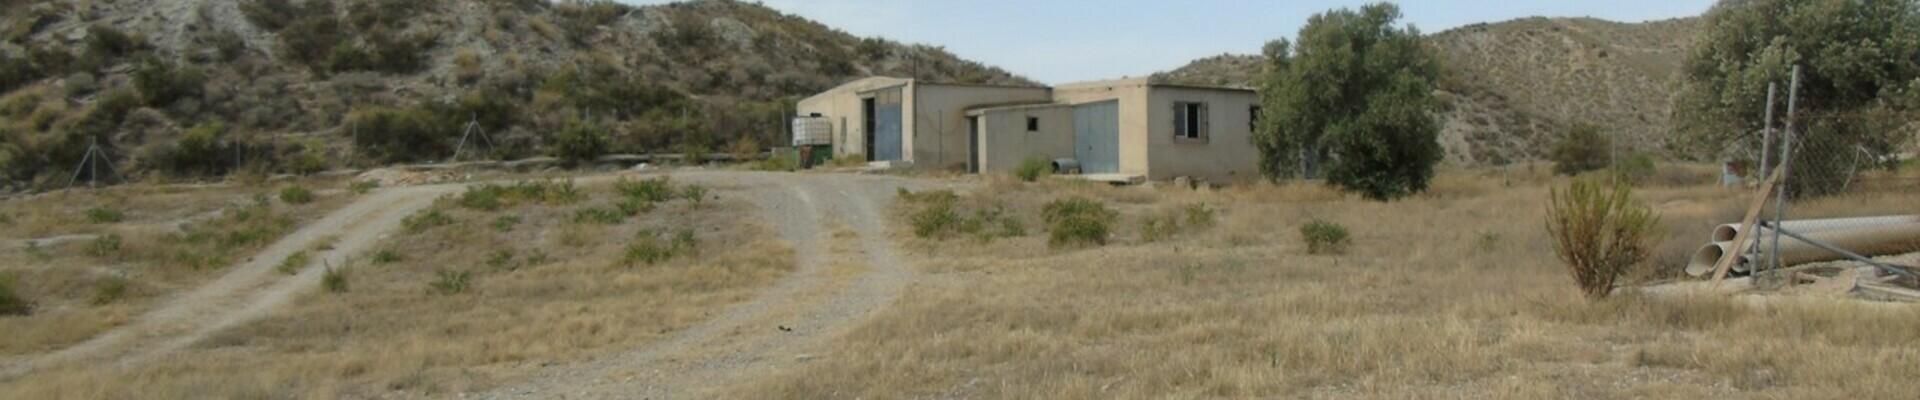 AF867: Commercial Property for Sale